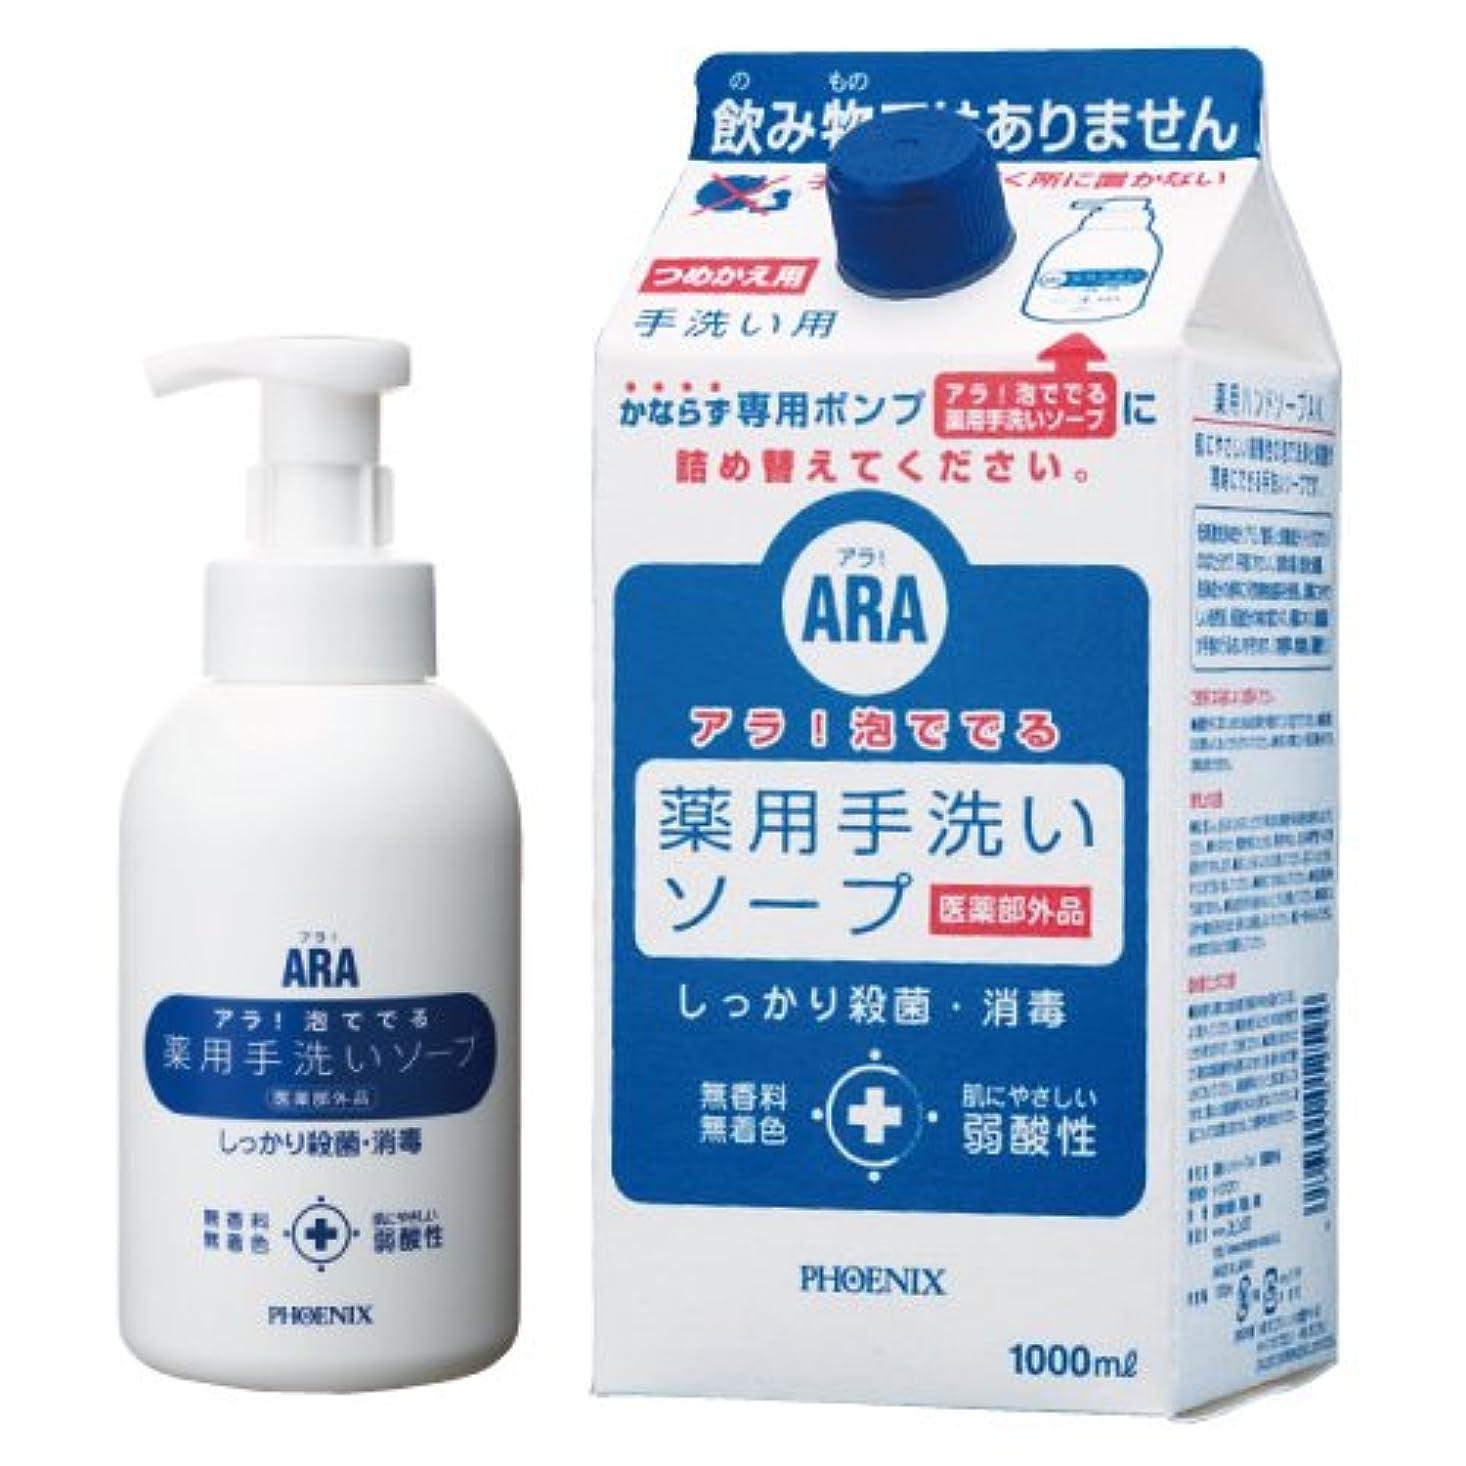 サイクルファッション財産アラ!泡ででる薬用手洗いソープ 500MLX15?????????????????????(23-2870-00)